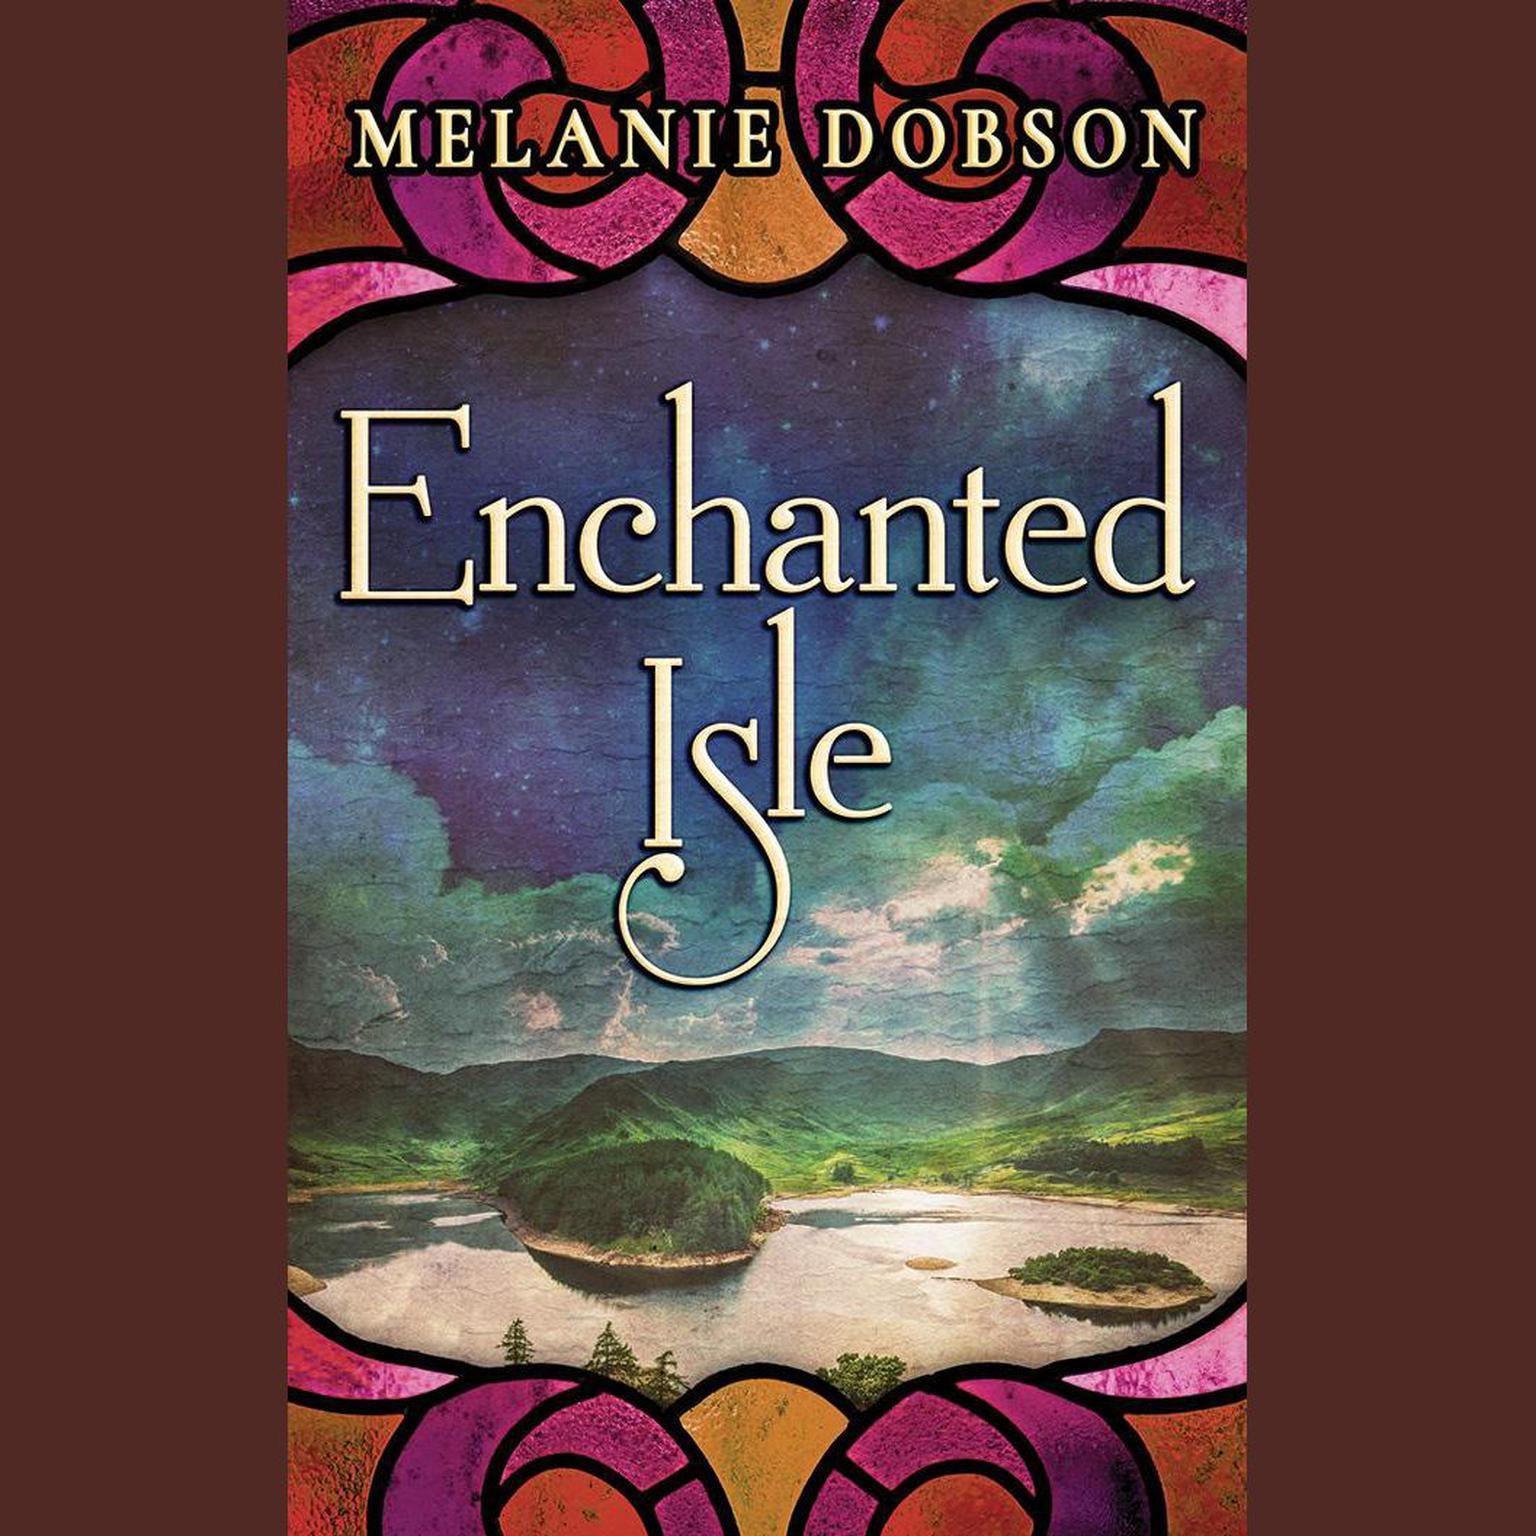 Enchanted Isle Audiobook, by Melanie Dobson